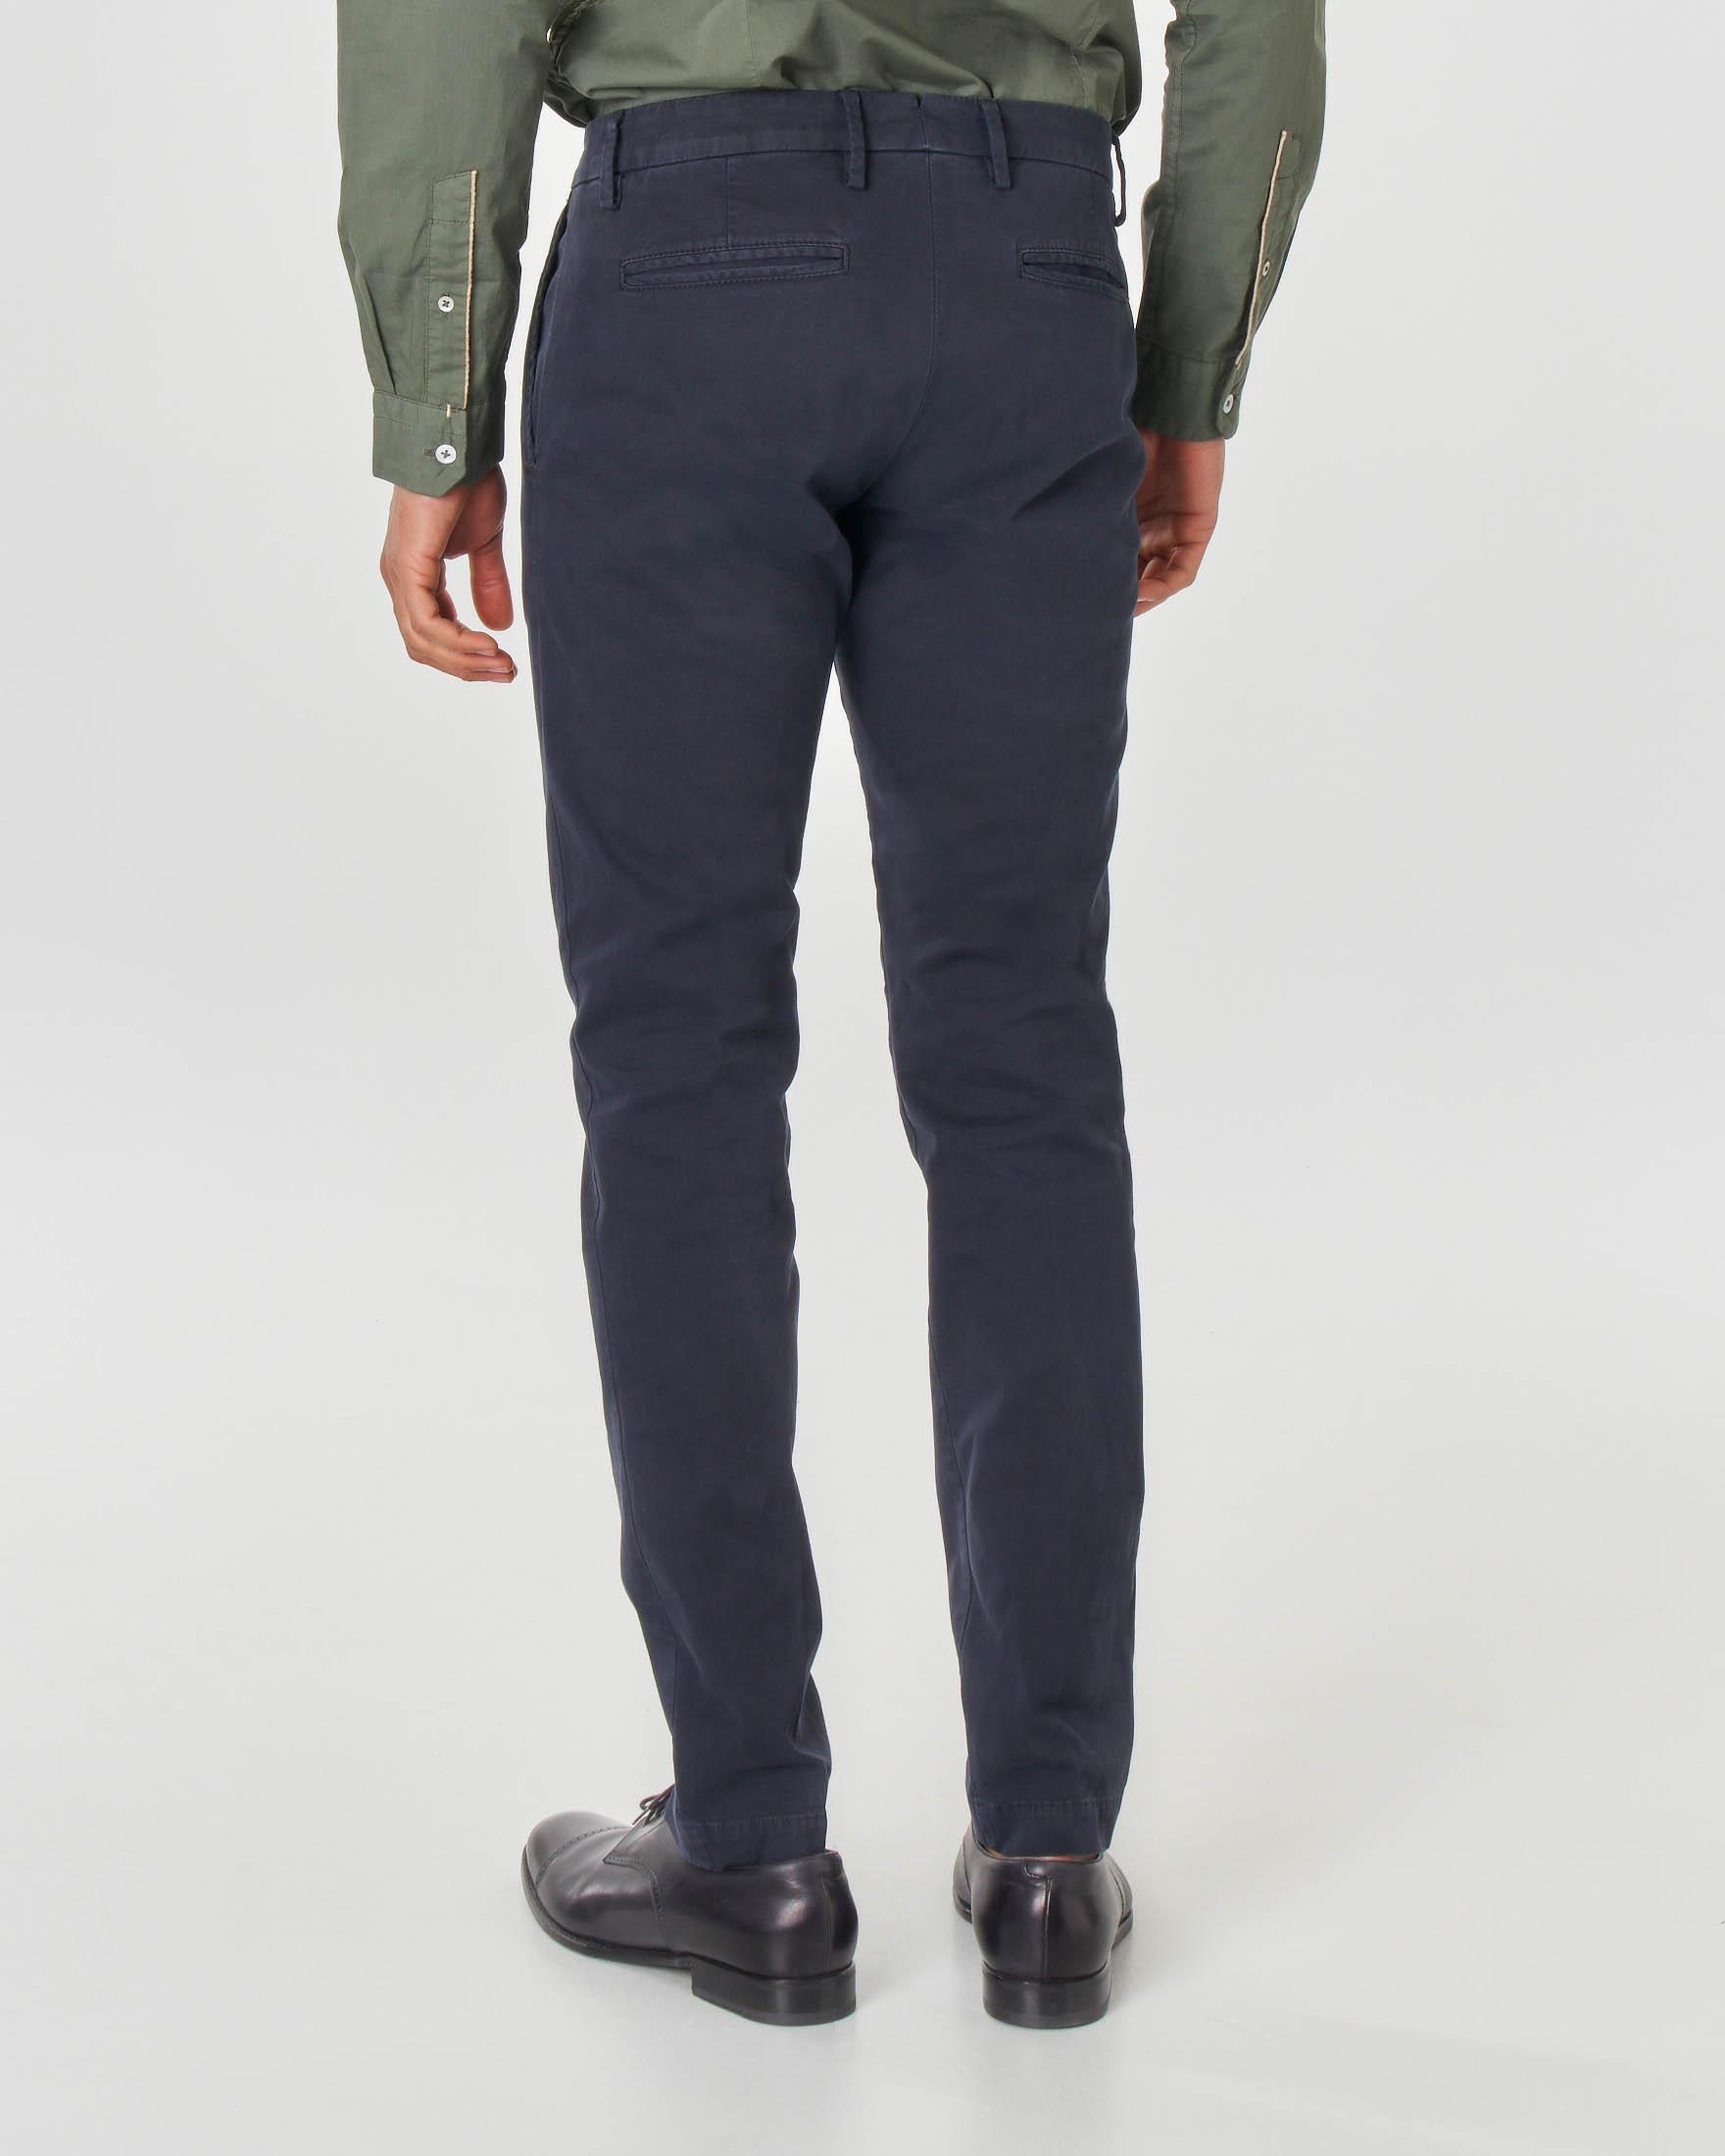 Pantalone chino blu in cotone stretch micro-armatura con una pinces